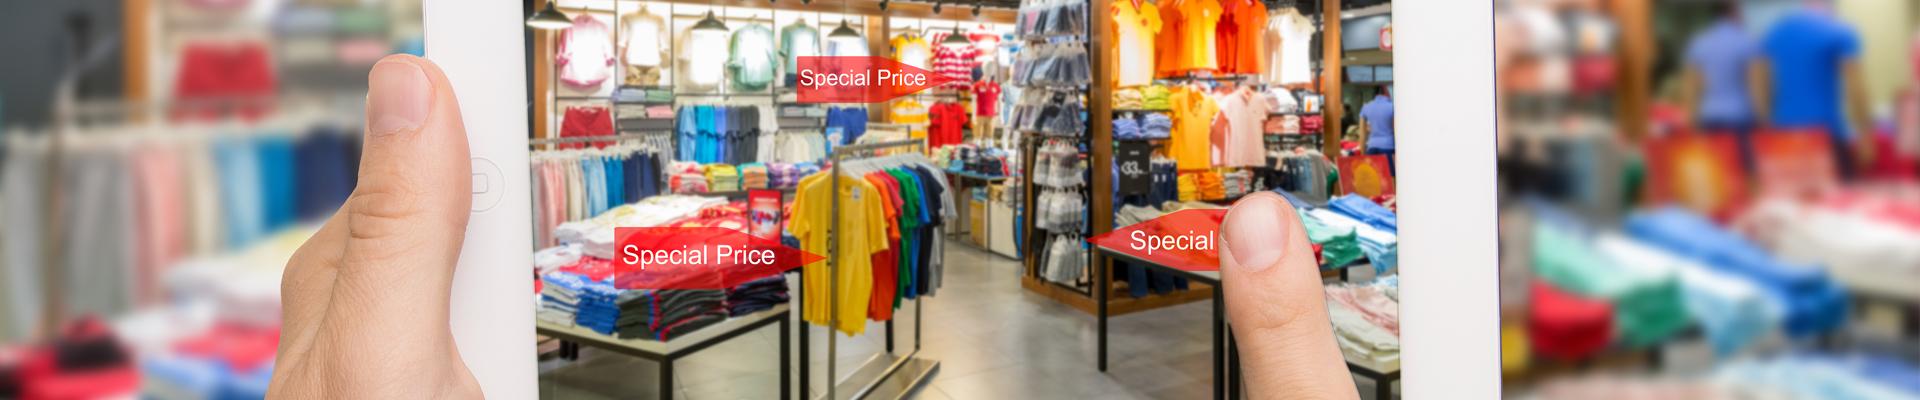 Digitalisering av den fysiska butiken